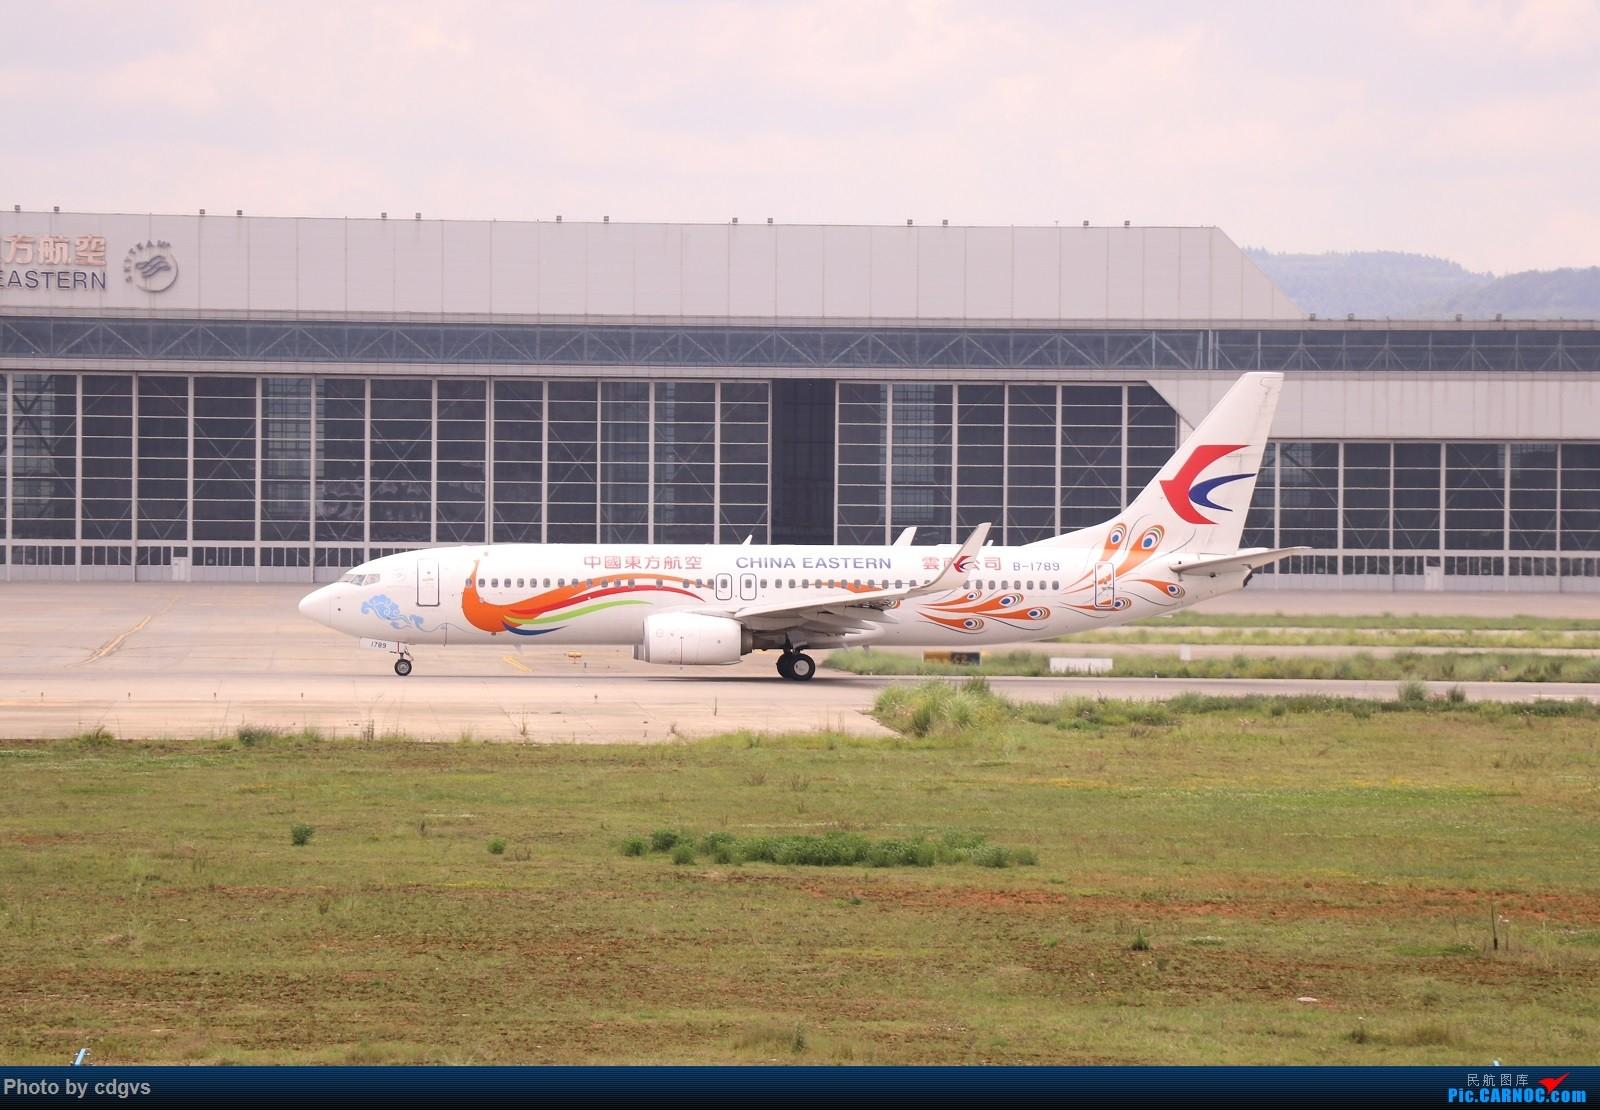 Re:[原创]【KMG】昆明的一天 1600大图 一次看个爽 BOEING 737-800 B-1789 中国昆明长水国际机场